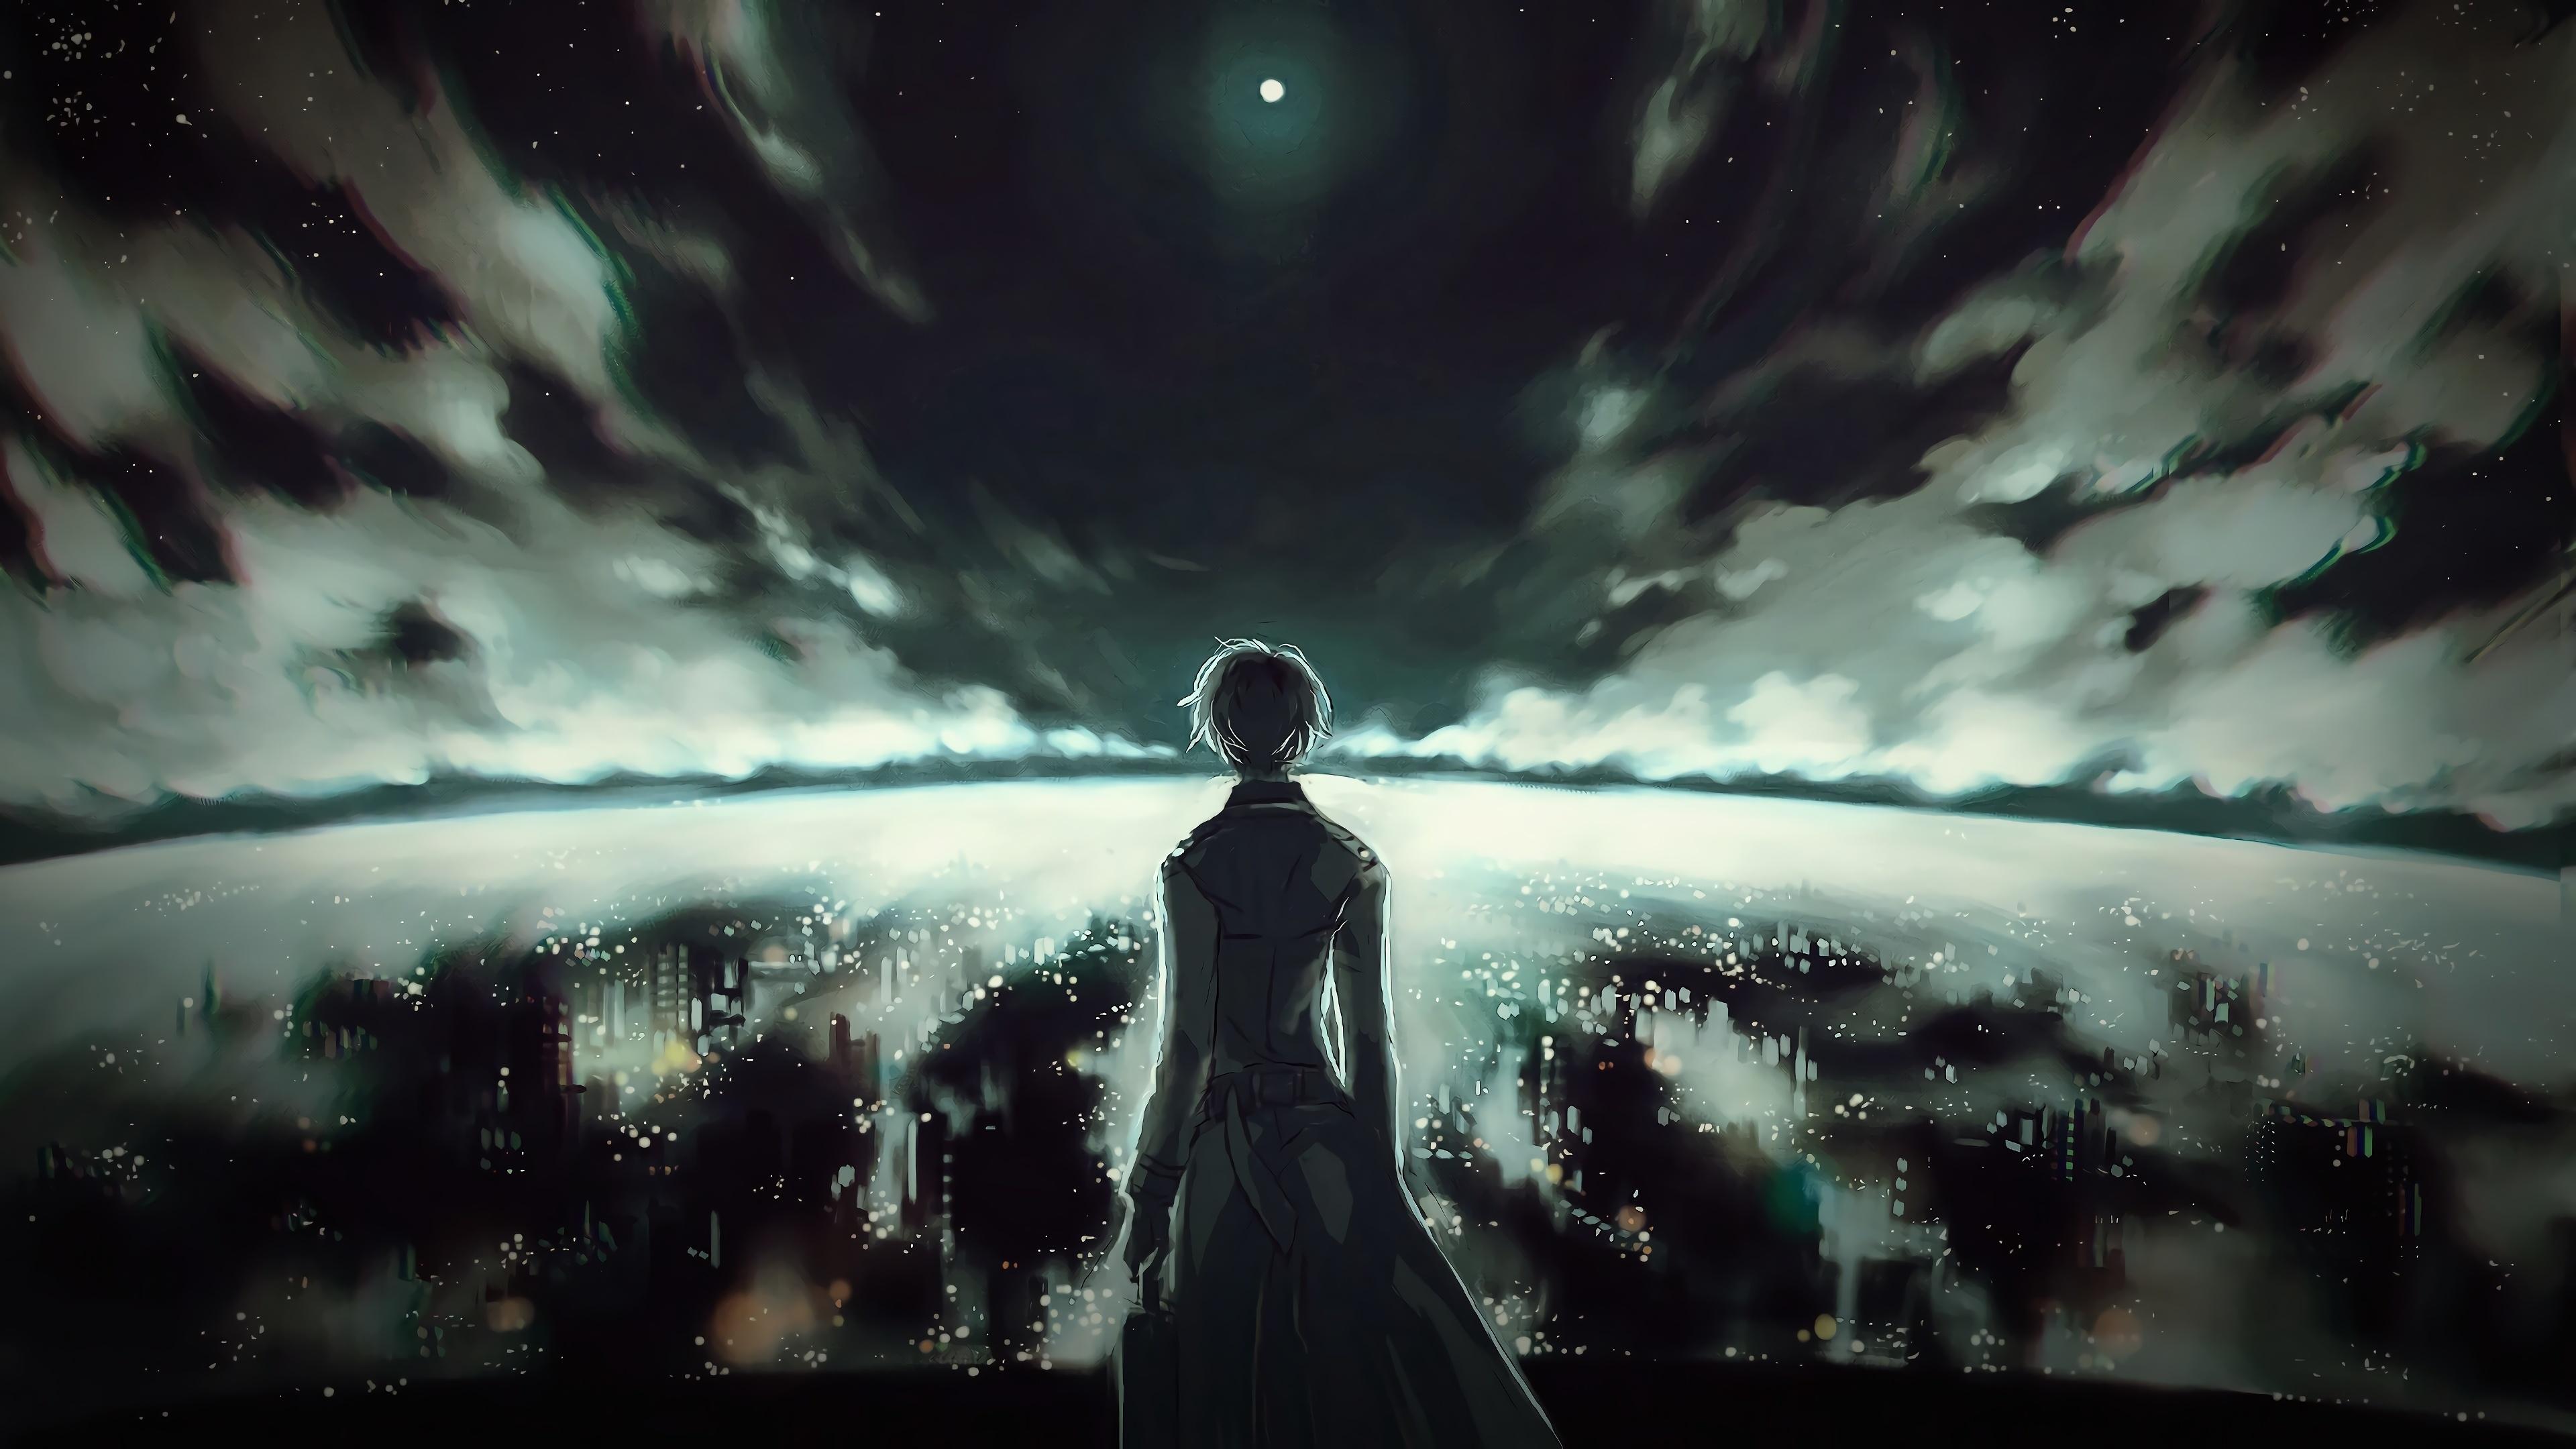 Ken Kaneki Tokyo Ghoul Anime Dark 3840x2400 Wallpaper